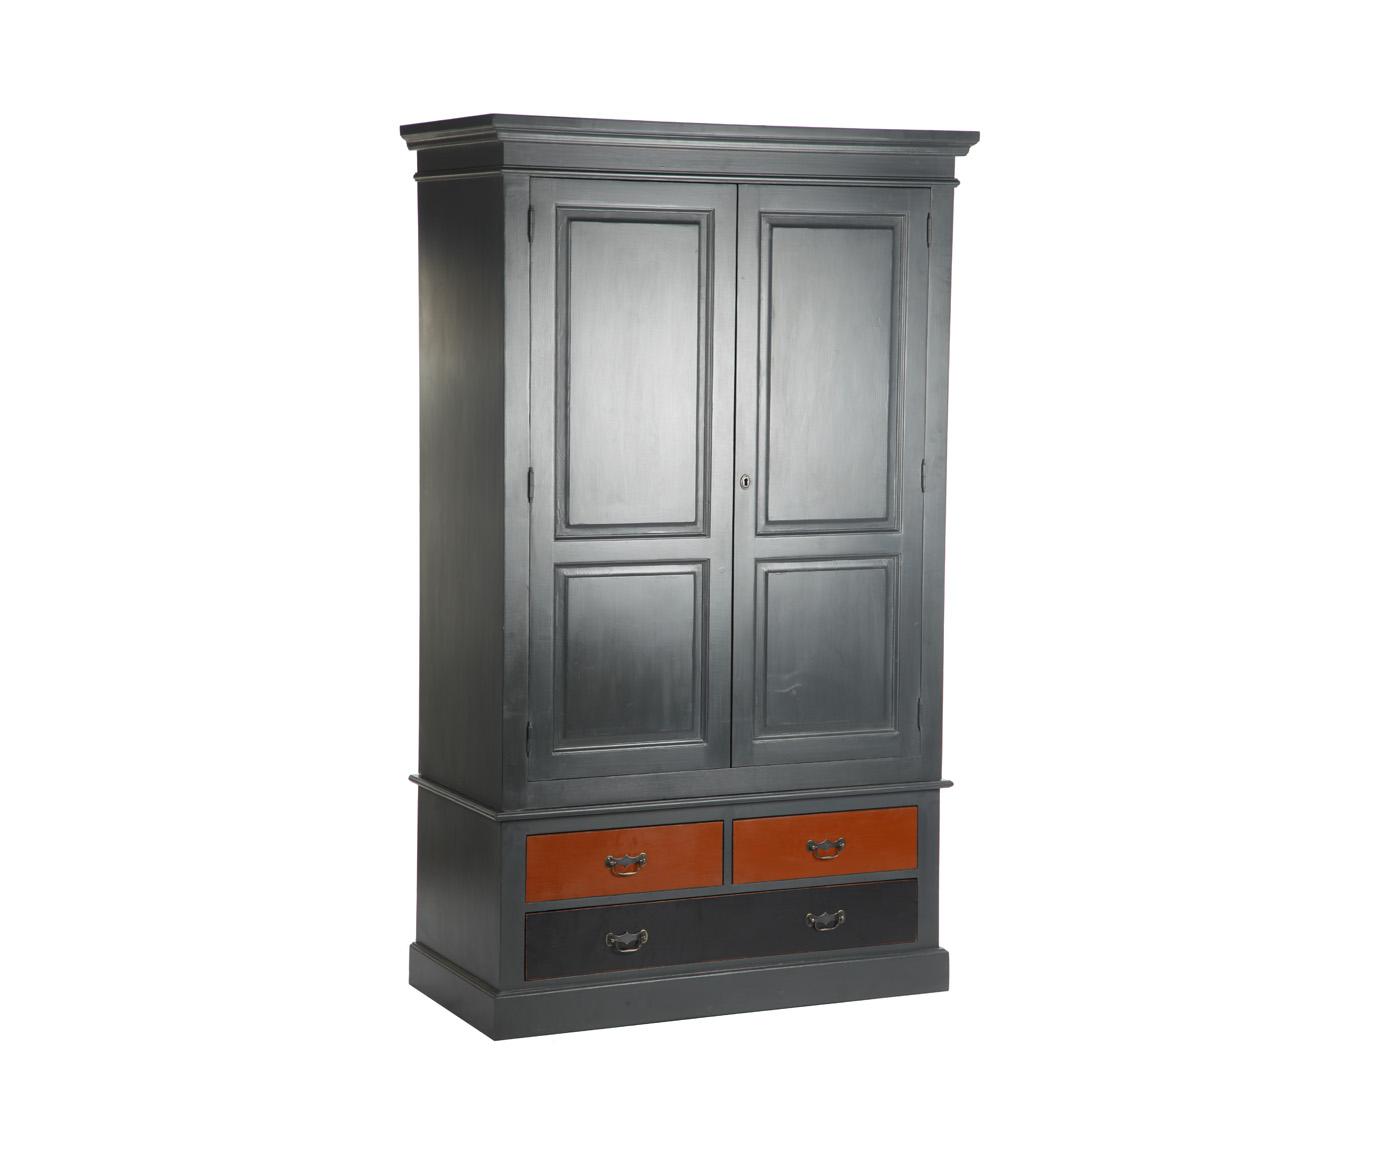 Шкаф двухдверныйПлатяные шкафы<br>Несомненным преимуществом цветной мебели &amp;quot;Кантри&amp;quot; является ее высокое качество. Коллекция изготовлена в Румынии и выполнена полностью из массива дерева (средиземноморская сосна). Мебель &amp;quot;Кантри&amp;quot; рассчитана на длительное и активное использование.<br>Кроме того, большая часть предметов коллекции  &amp;quot;Кантри&amp;quot; покрыта двумя слоями красок разных цветов и запатинирована. Искусственная состаренность придает мебели особый теплый деревенский шарм.&amp;lt;div&amp;gt;&amp;lt;br&amp;gt;&amp;lt;/div&amp;gt;&amp;lt;div&amp;gt;Шкаф двухдверный с 4 ящиками, ручки - античное покрытие.&amp;lt;/div&amp;gt;<br><br>Material: Сосна<br>Length см: None<br>Width см: 120<br>Depth см: 59<br>Height см: 197<br>Diameter см: None